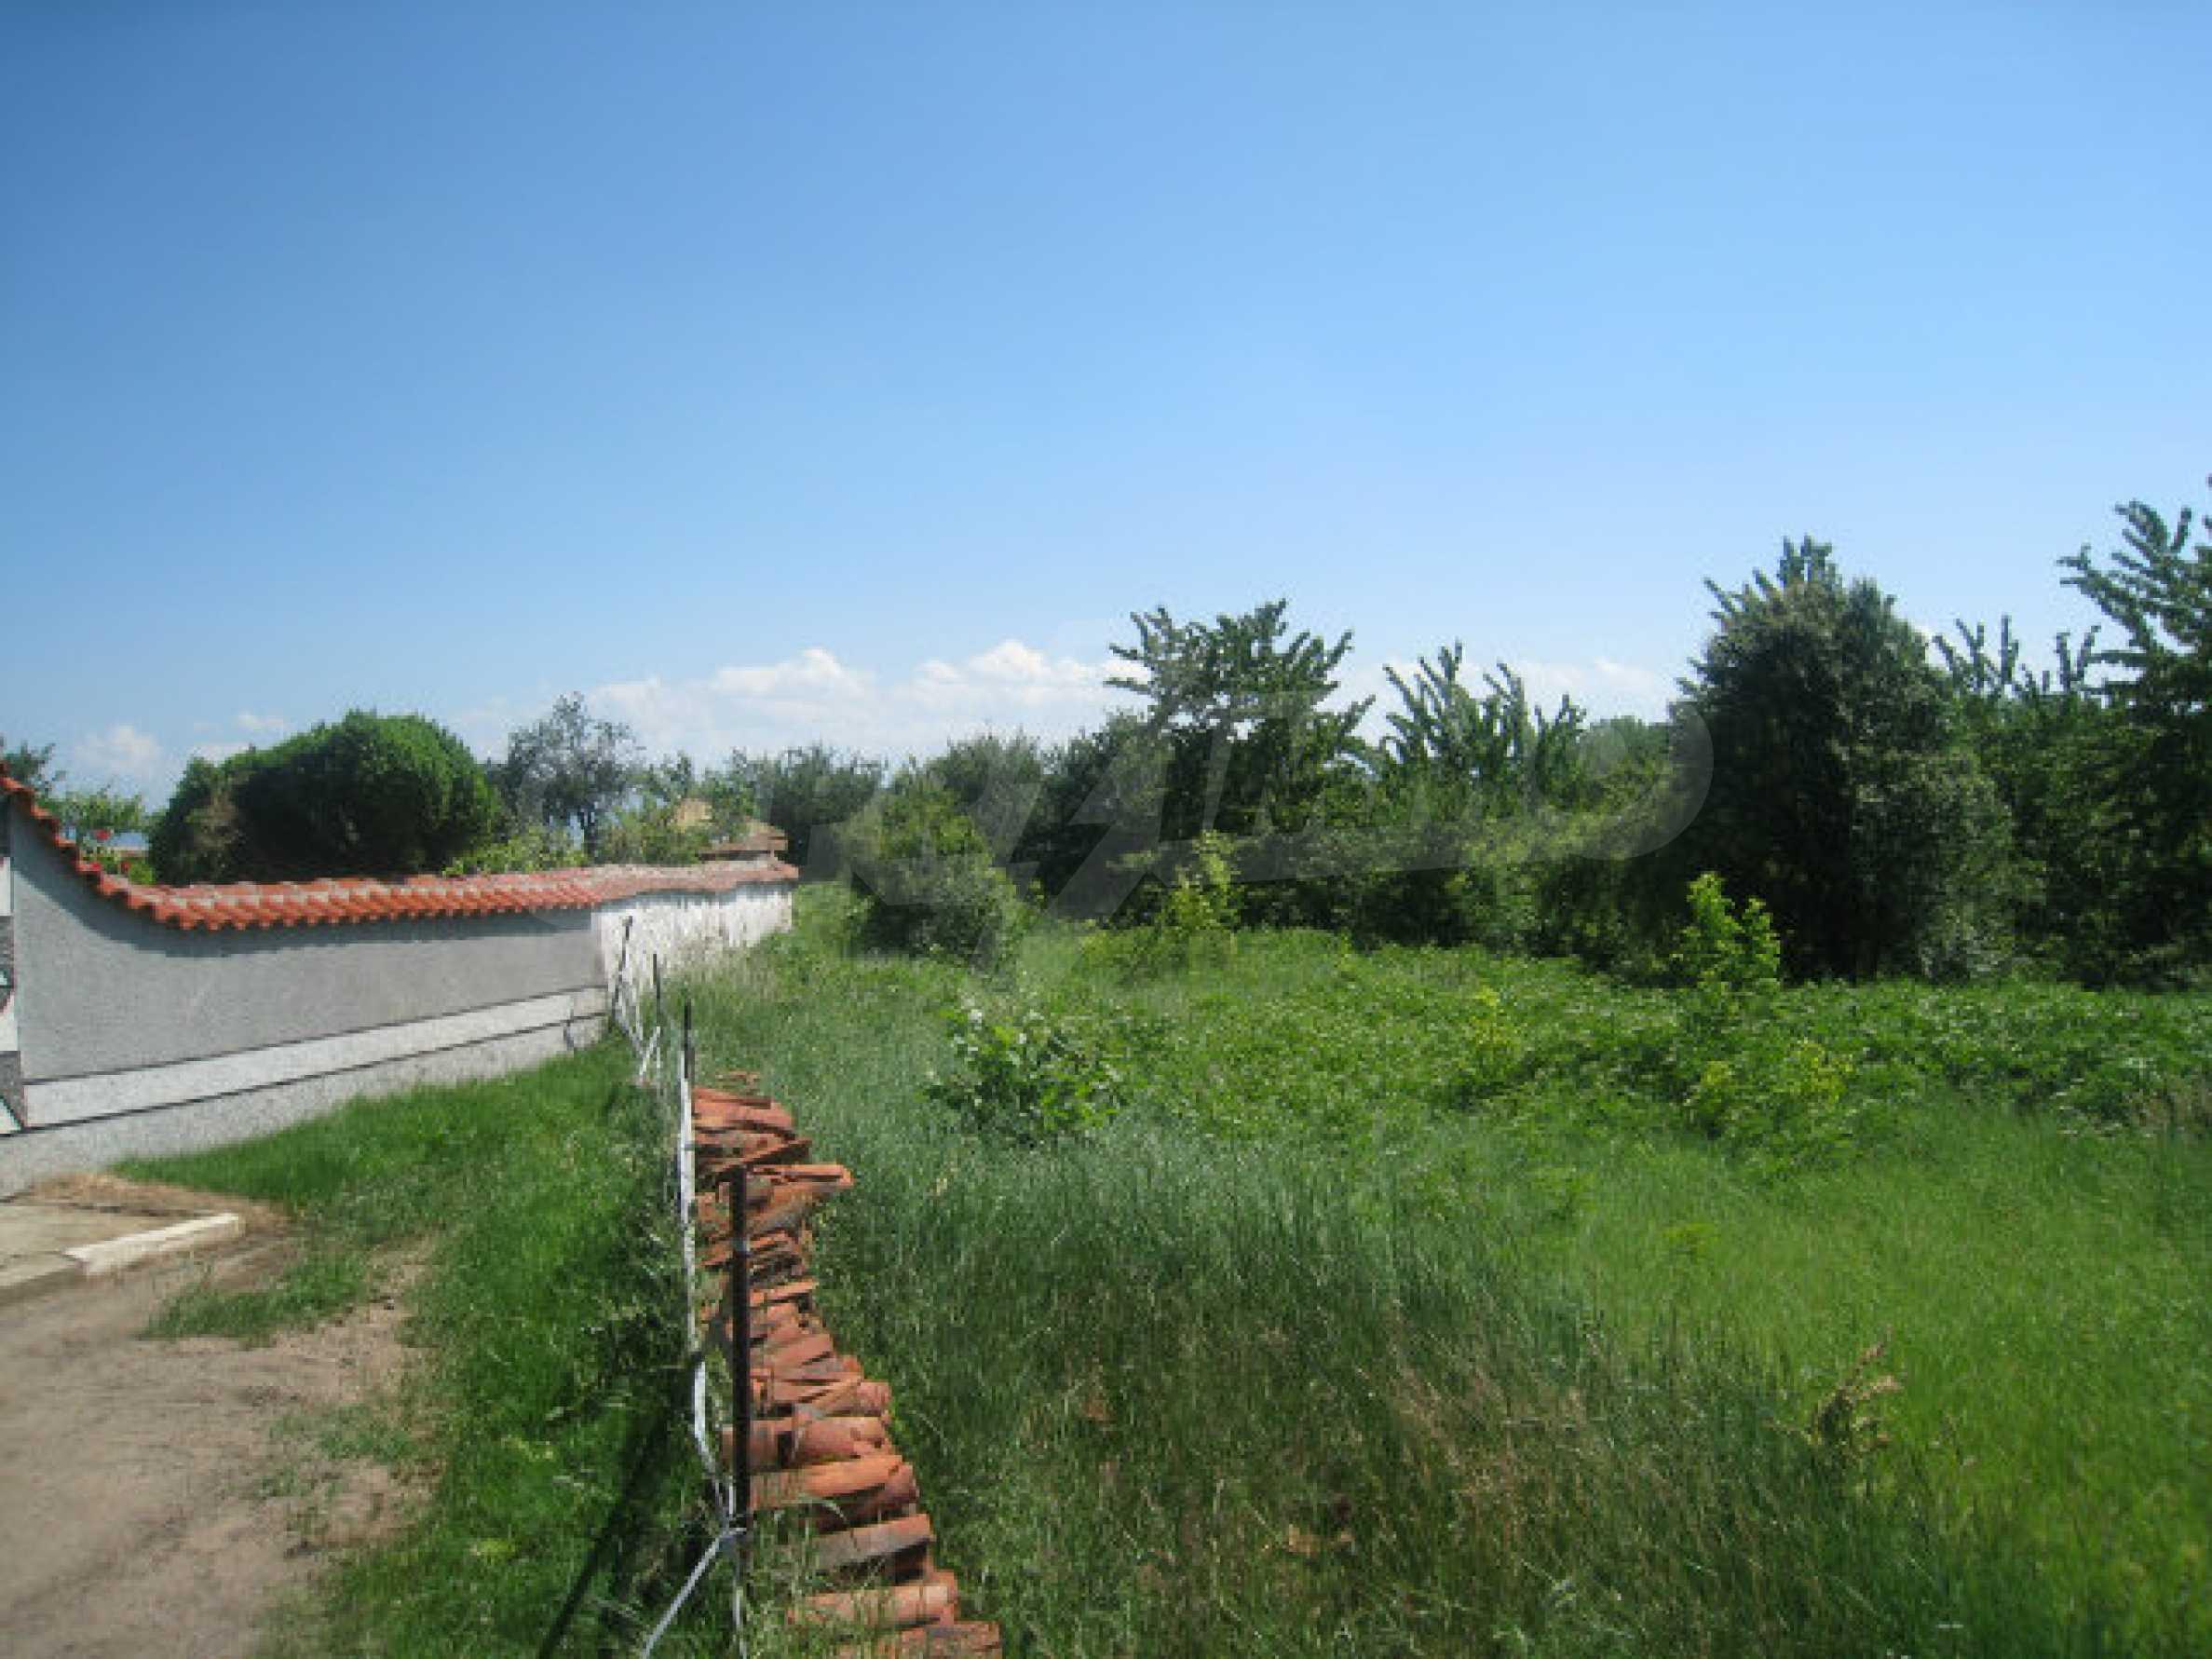 Reguliertes Grundstück für den Bau eines Hauses oder einer Villa in der Nähe von Sofia 4